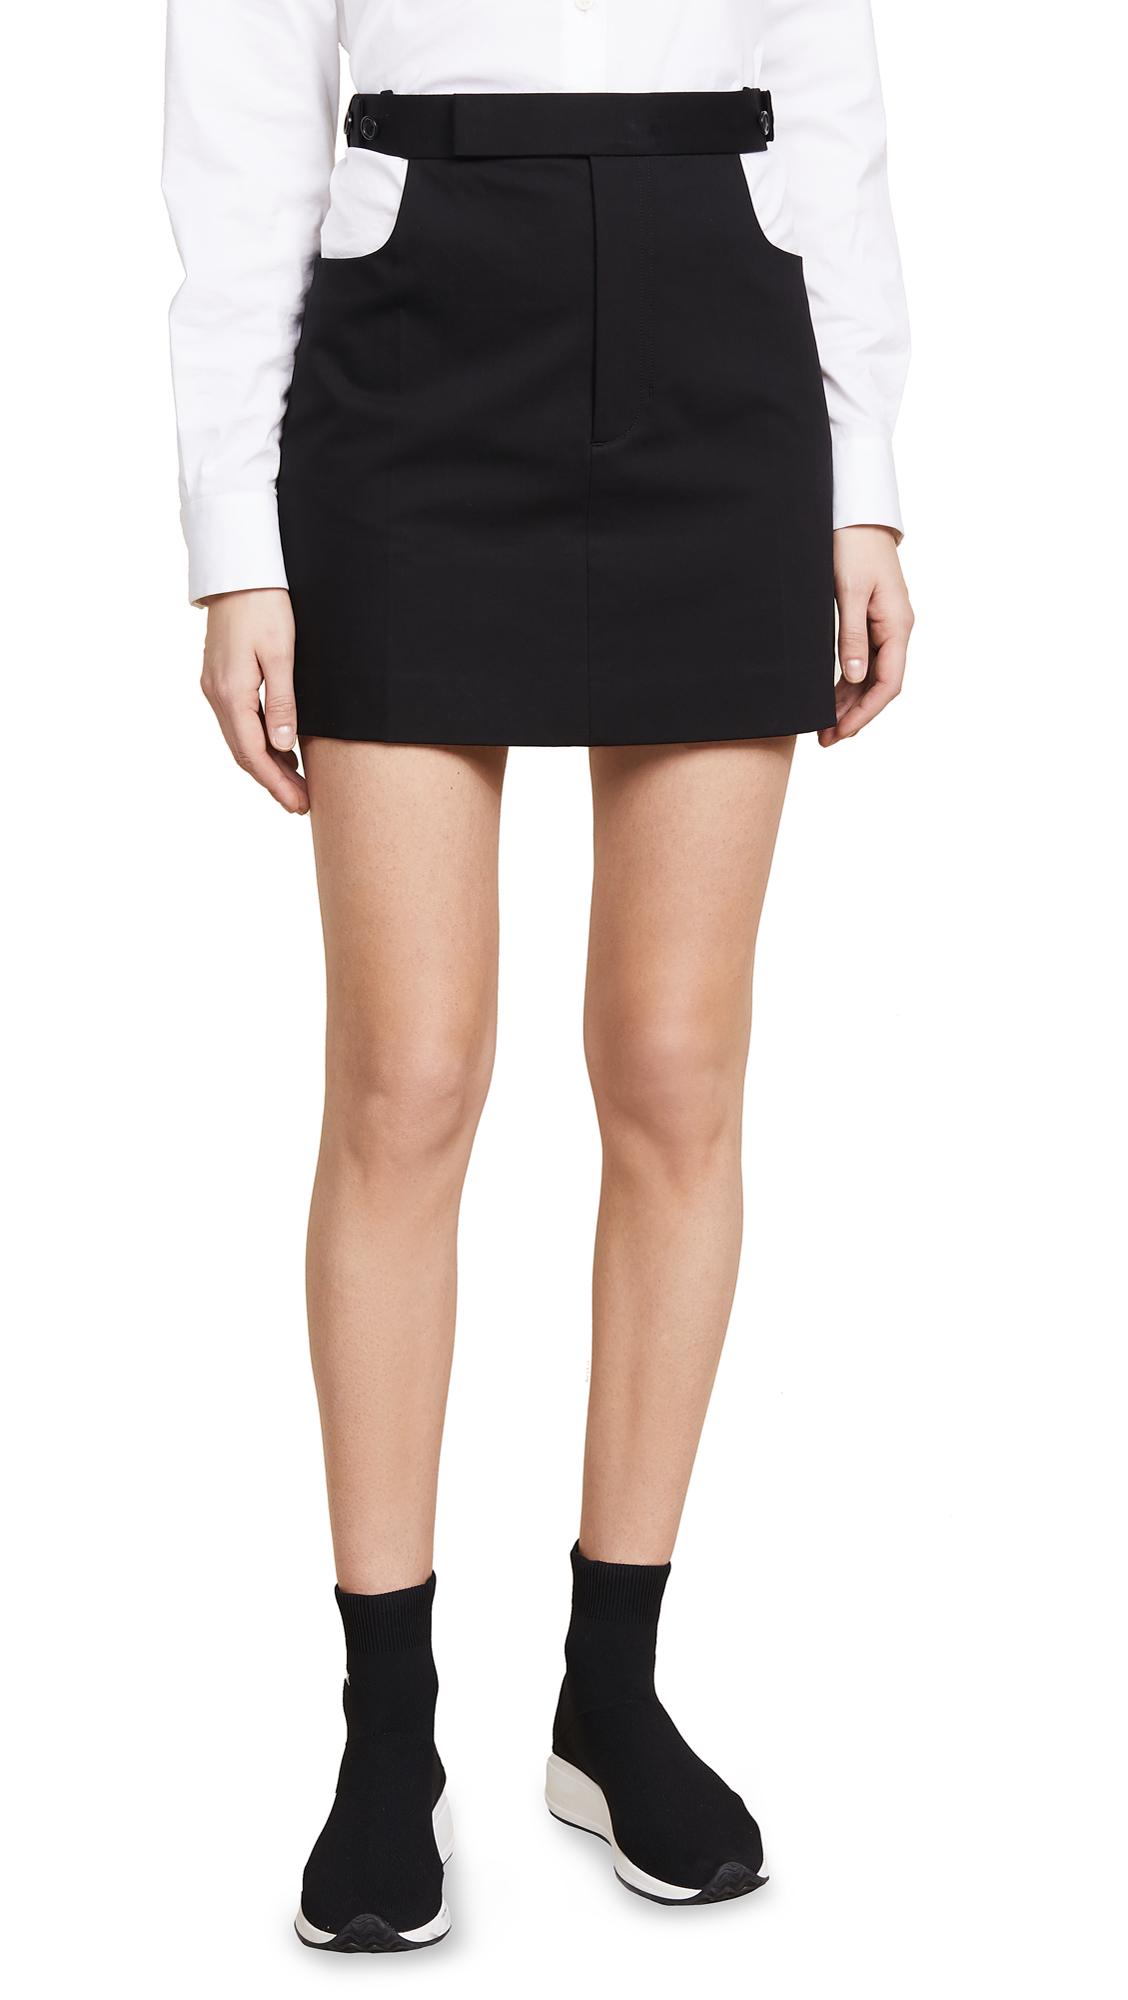 Helmut Lang Cutout Skirt - Black